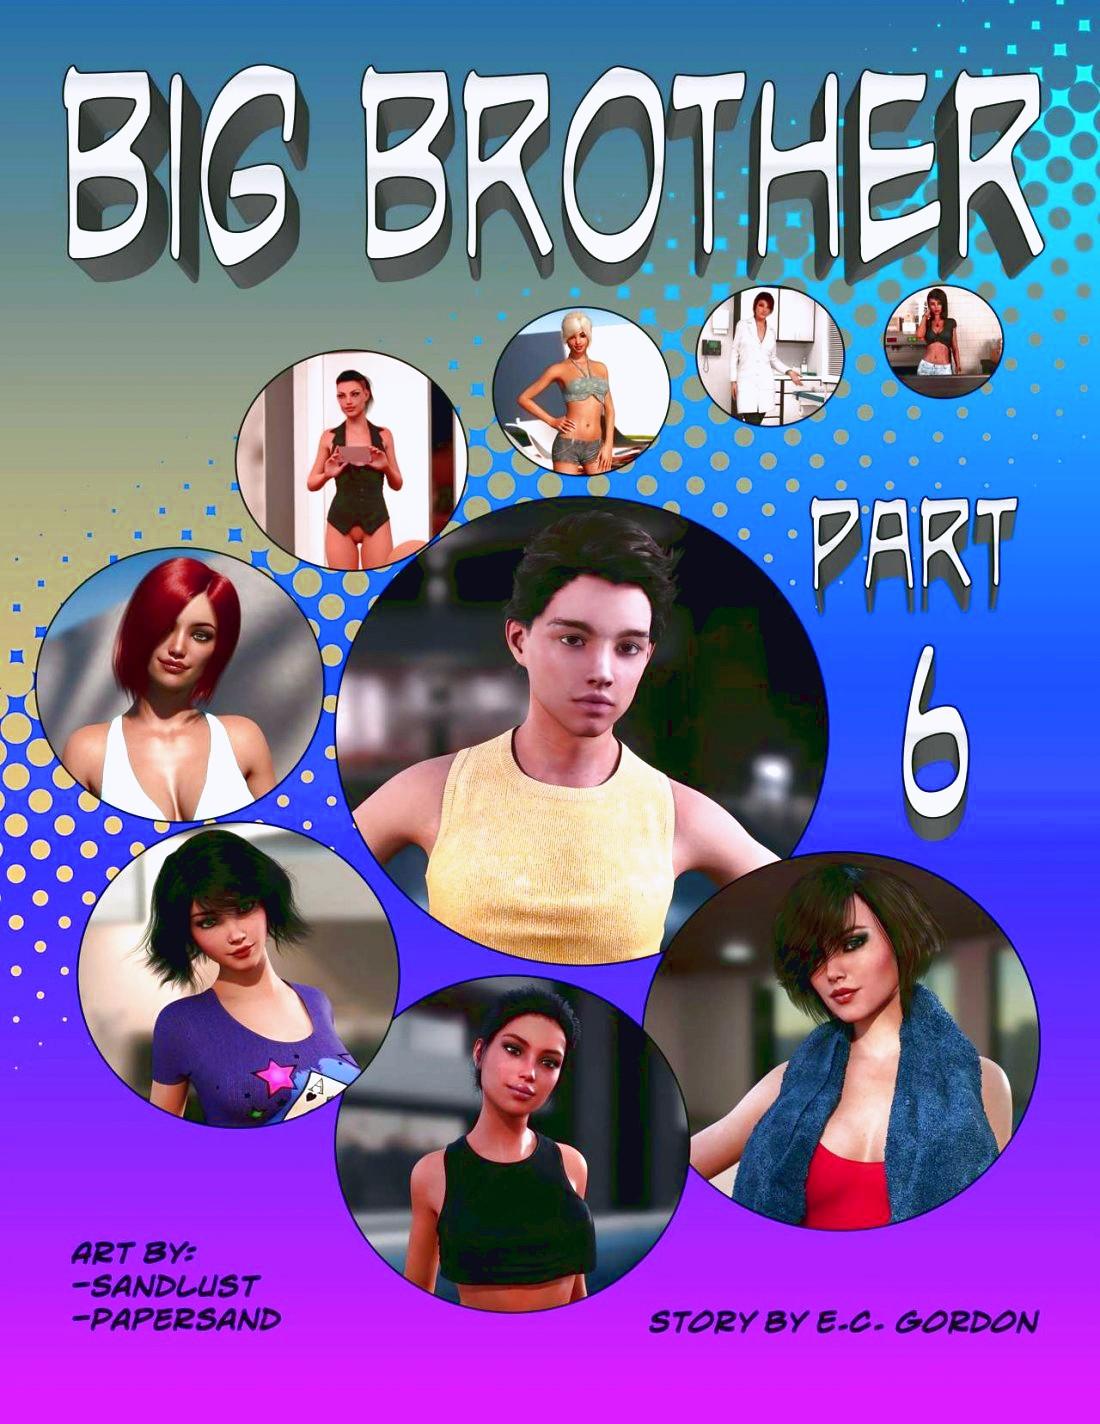 Big Brother 6 porn comic - the best cartoon porn comics